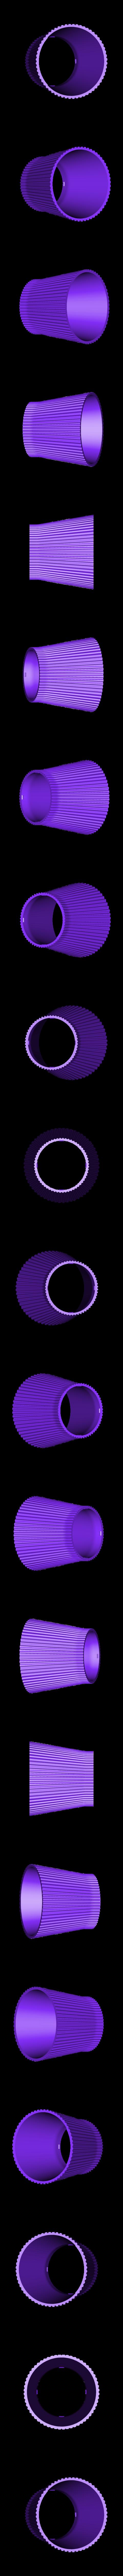 Marilyn_shadeB.stl Download STL file MARILYN • 3D print model, svdv